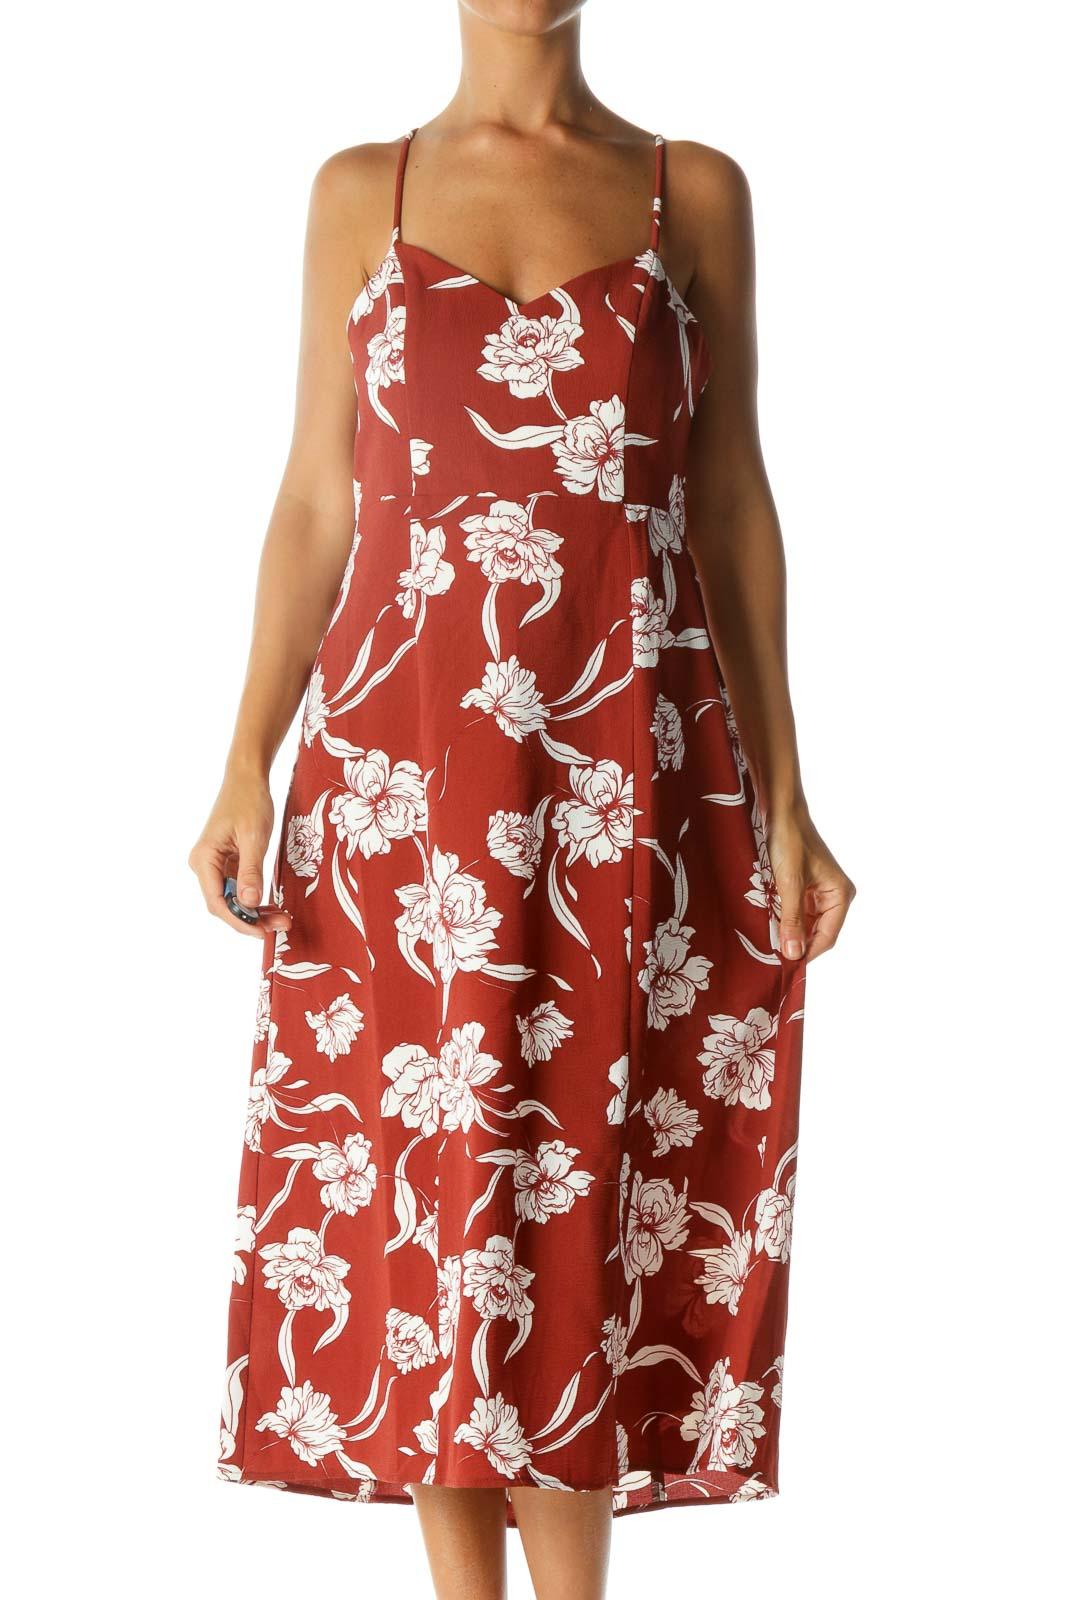 Brick Orange White Floral-Print V-Neck Spaghetti Straps Day Dress